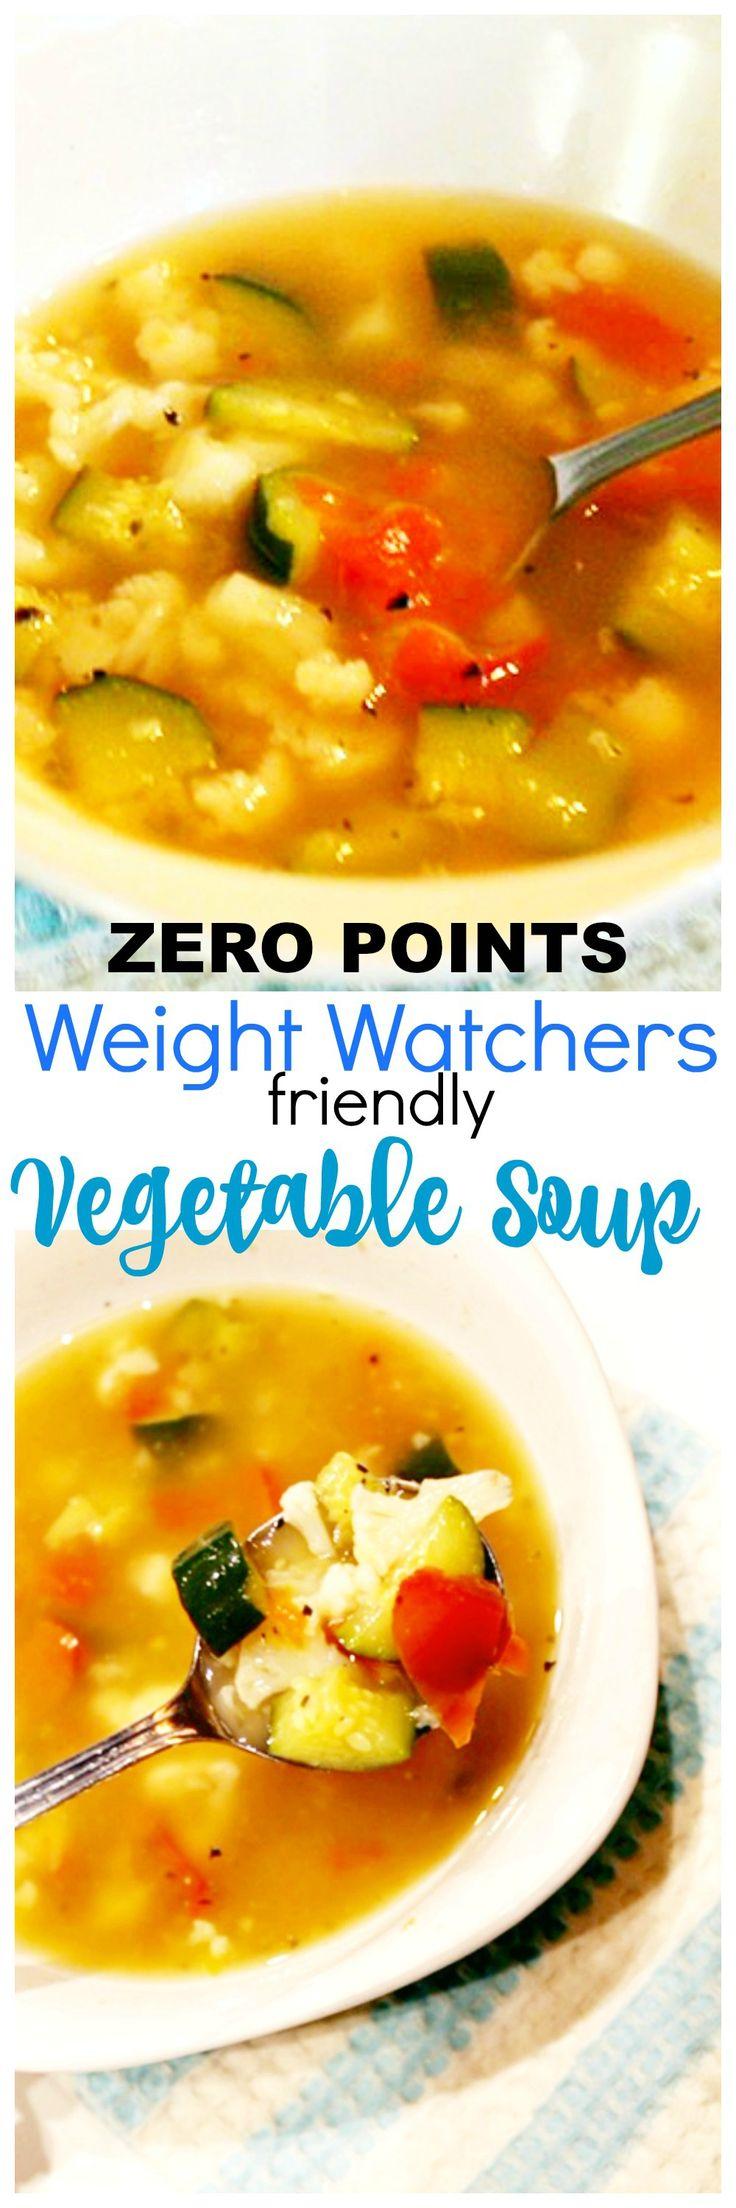 weight watchers vegetable soup recipe - Zero points! #Weightwatchers #recipe #zeropoints #soup